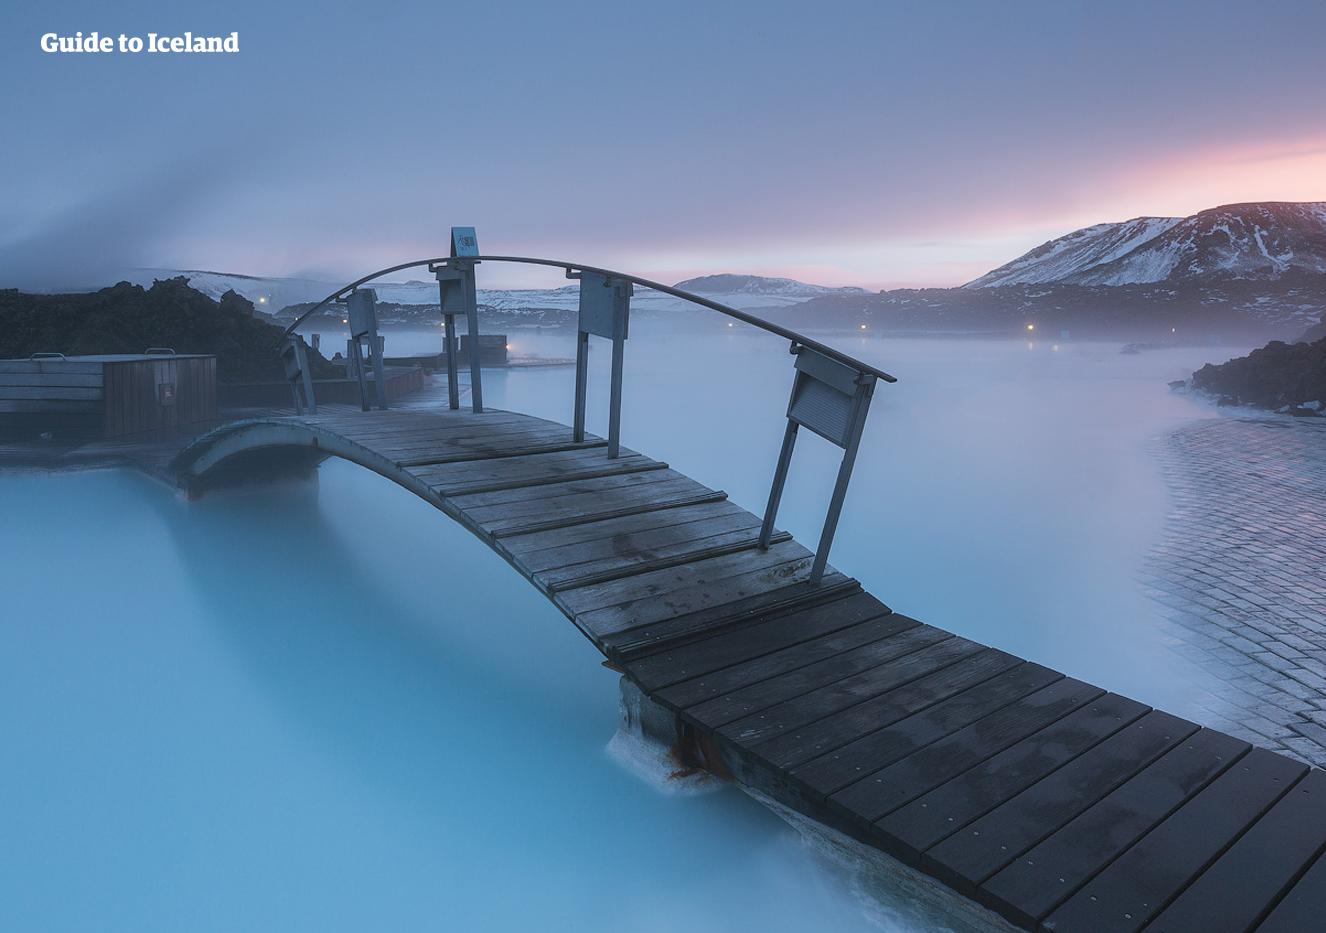 Sluit je avontuur in IJsland op de perfecte manier af met een bad in de geothermische spa Blue Lagoon.